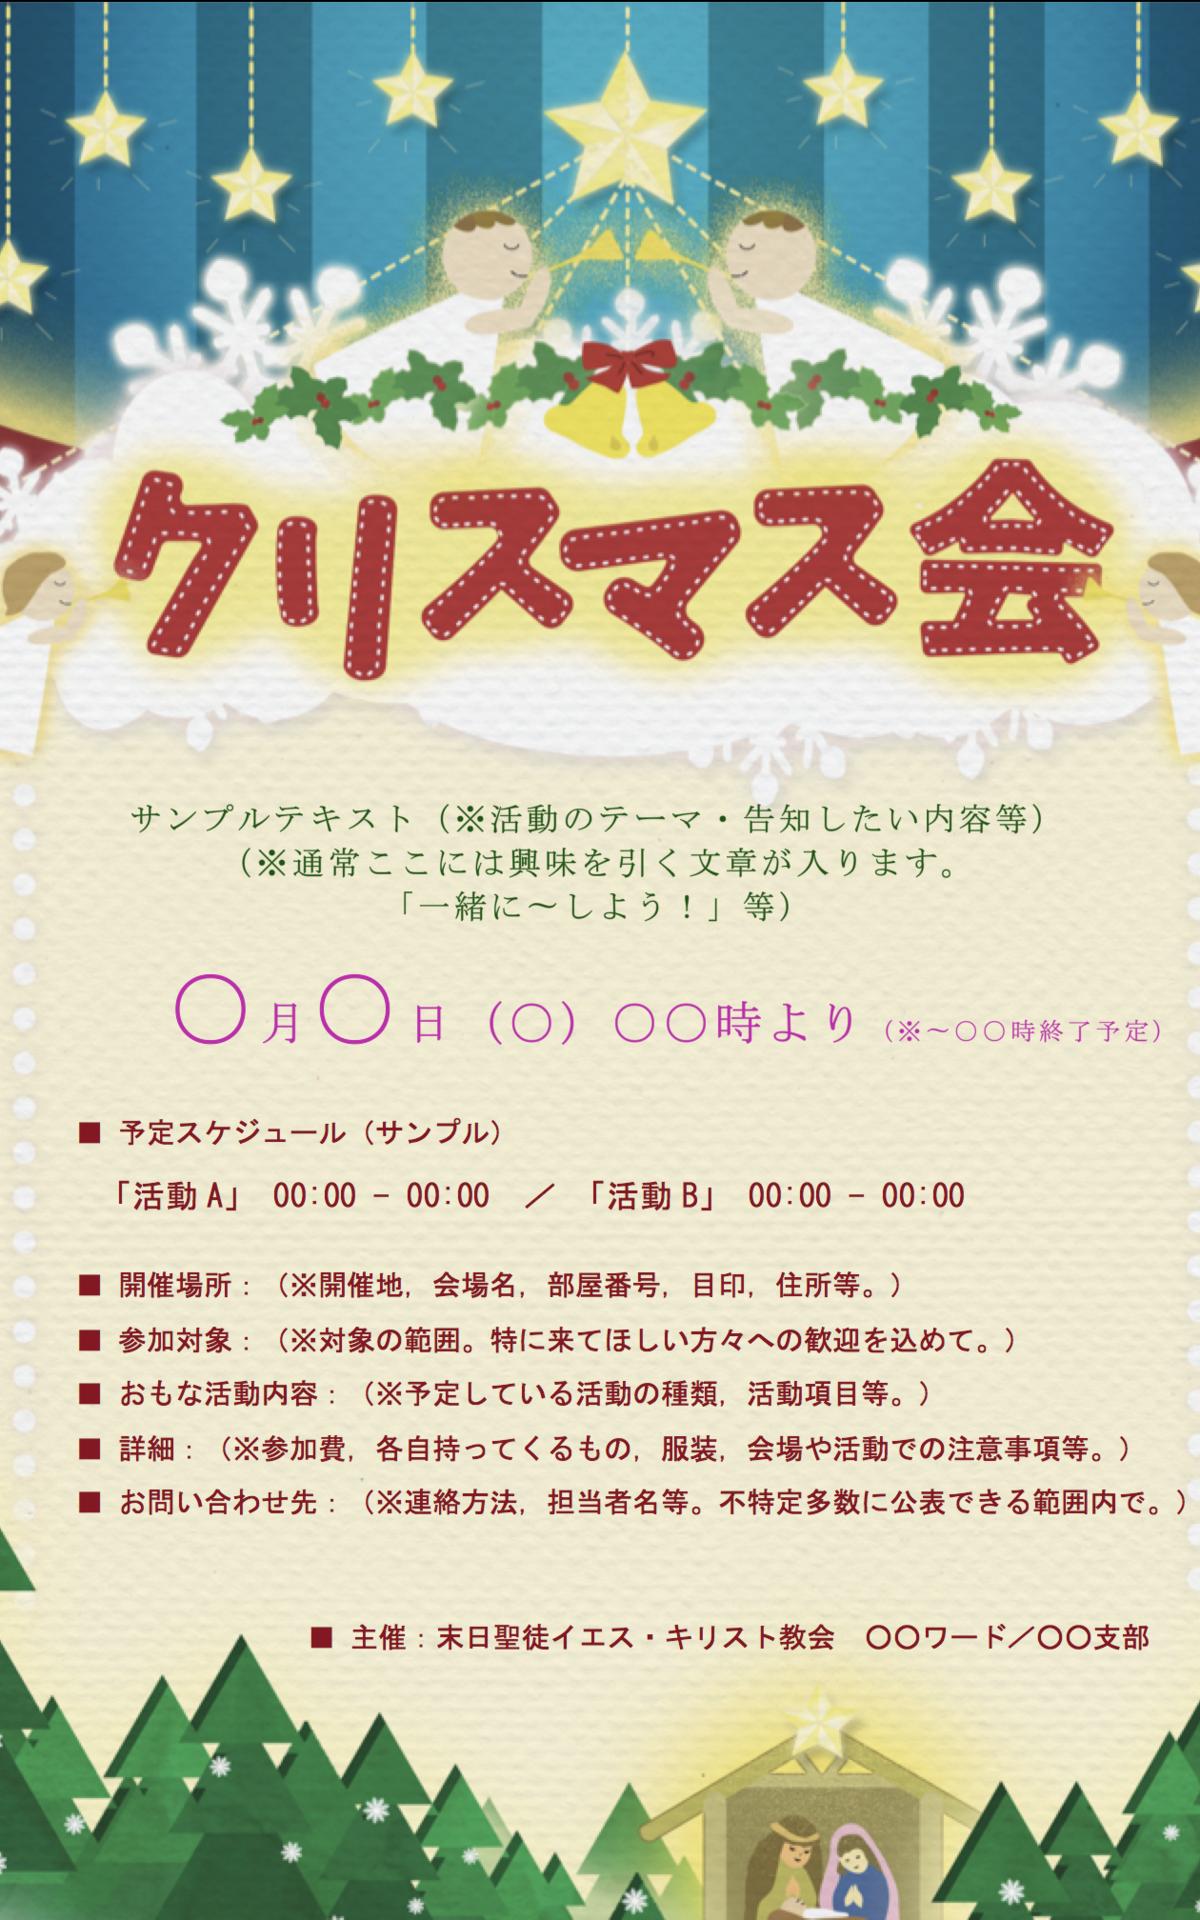 クリスマスポスター02